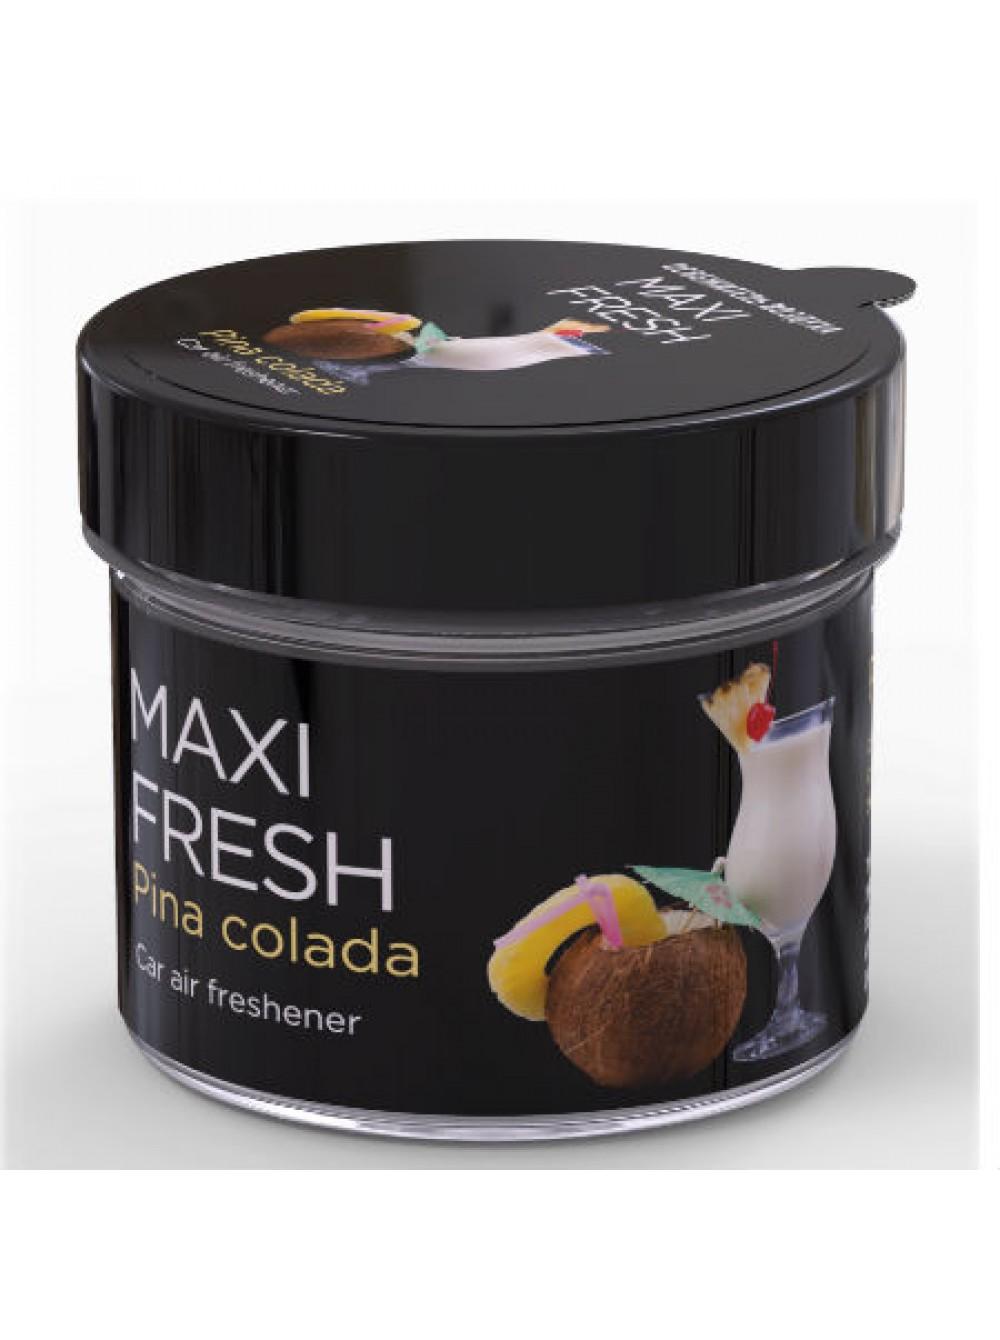 Автомобильный ароматизатор MAXI FRESH 964-CMF-111 ароматизатор воздуха автомобильный maxi fresh цитрус и манго под сиденье 100 г